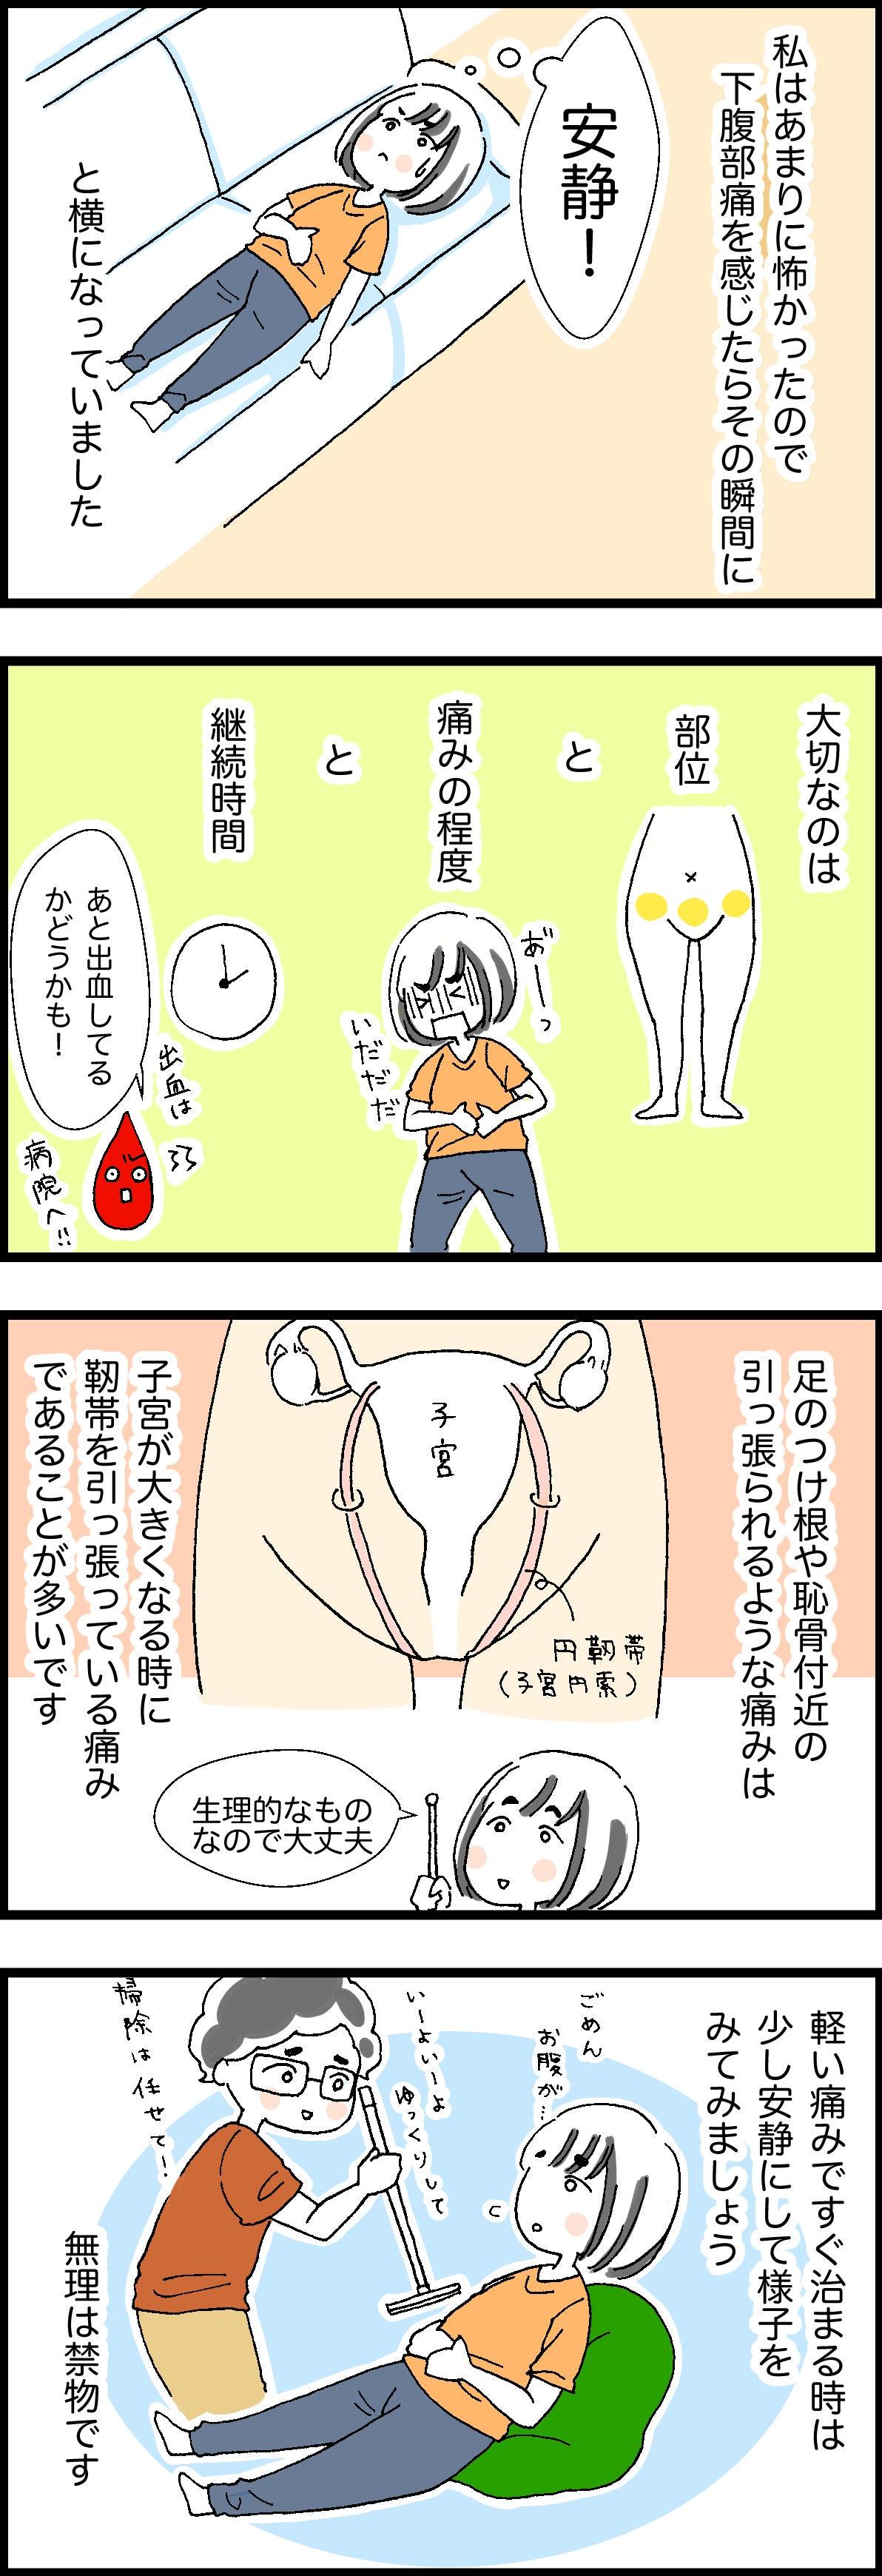 痛 週 下 腹部 妊娠 4